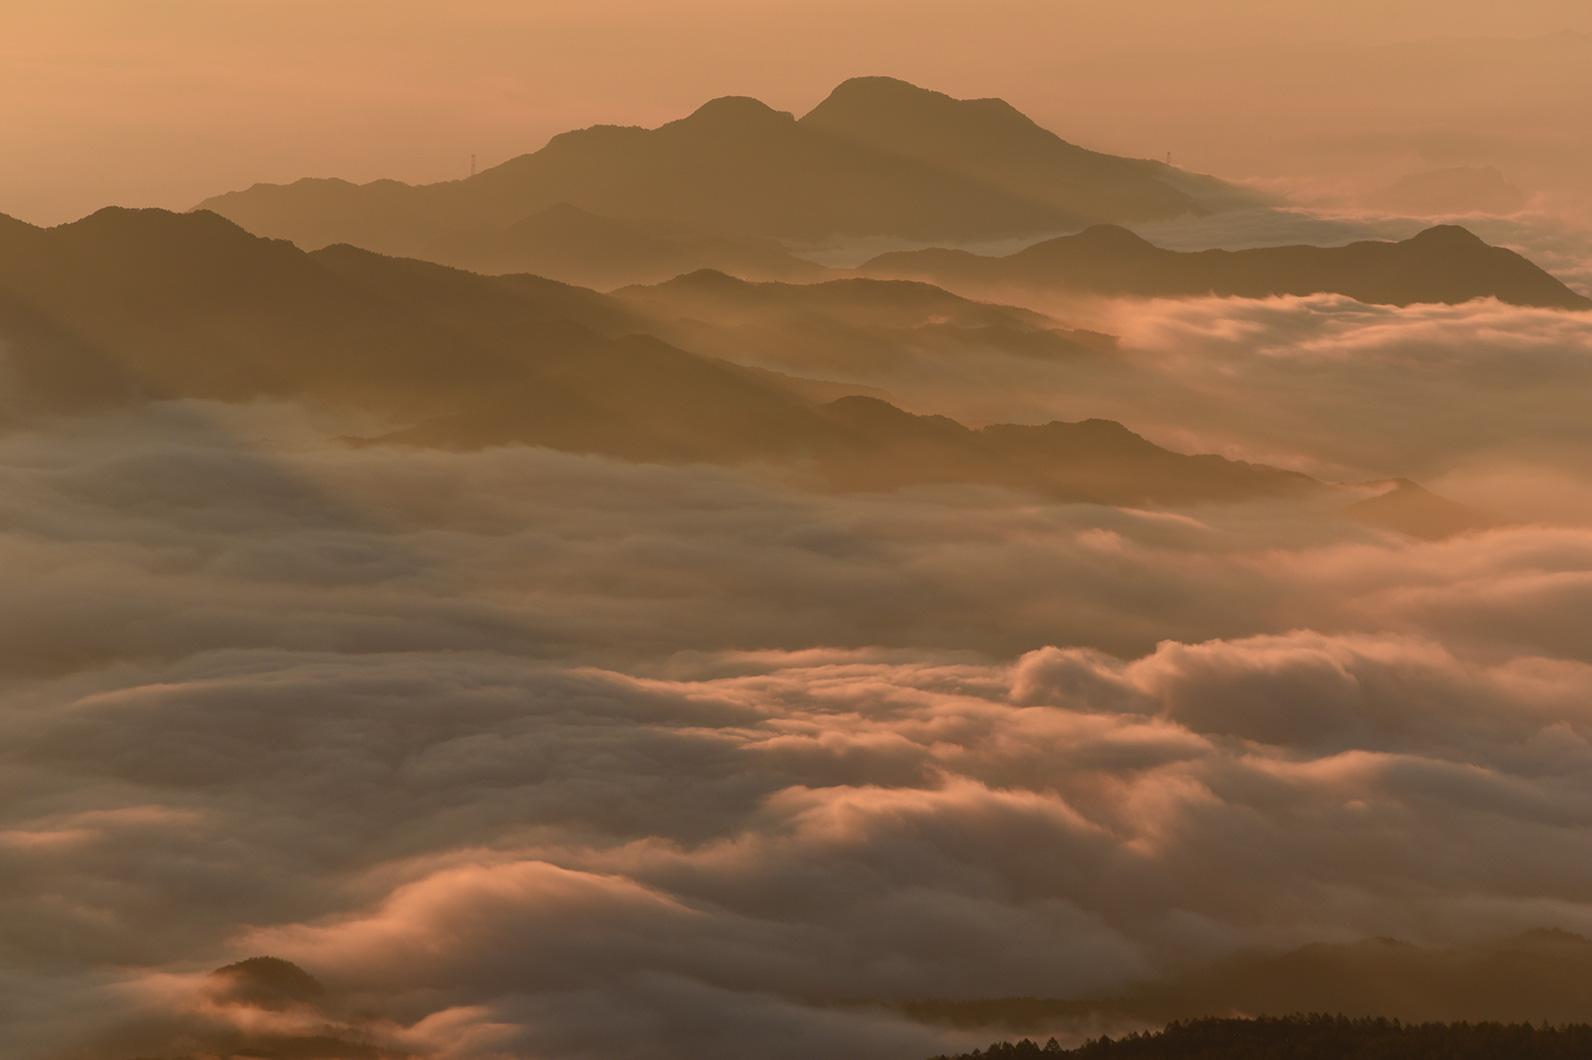 価格.com - 『朝日が写った風景写真の撮り方を教えてください。』 CANON EOS 5D Mark II